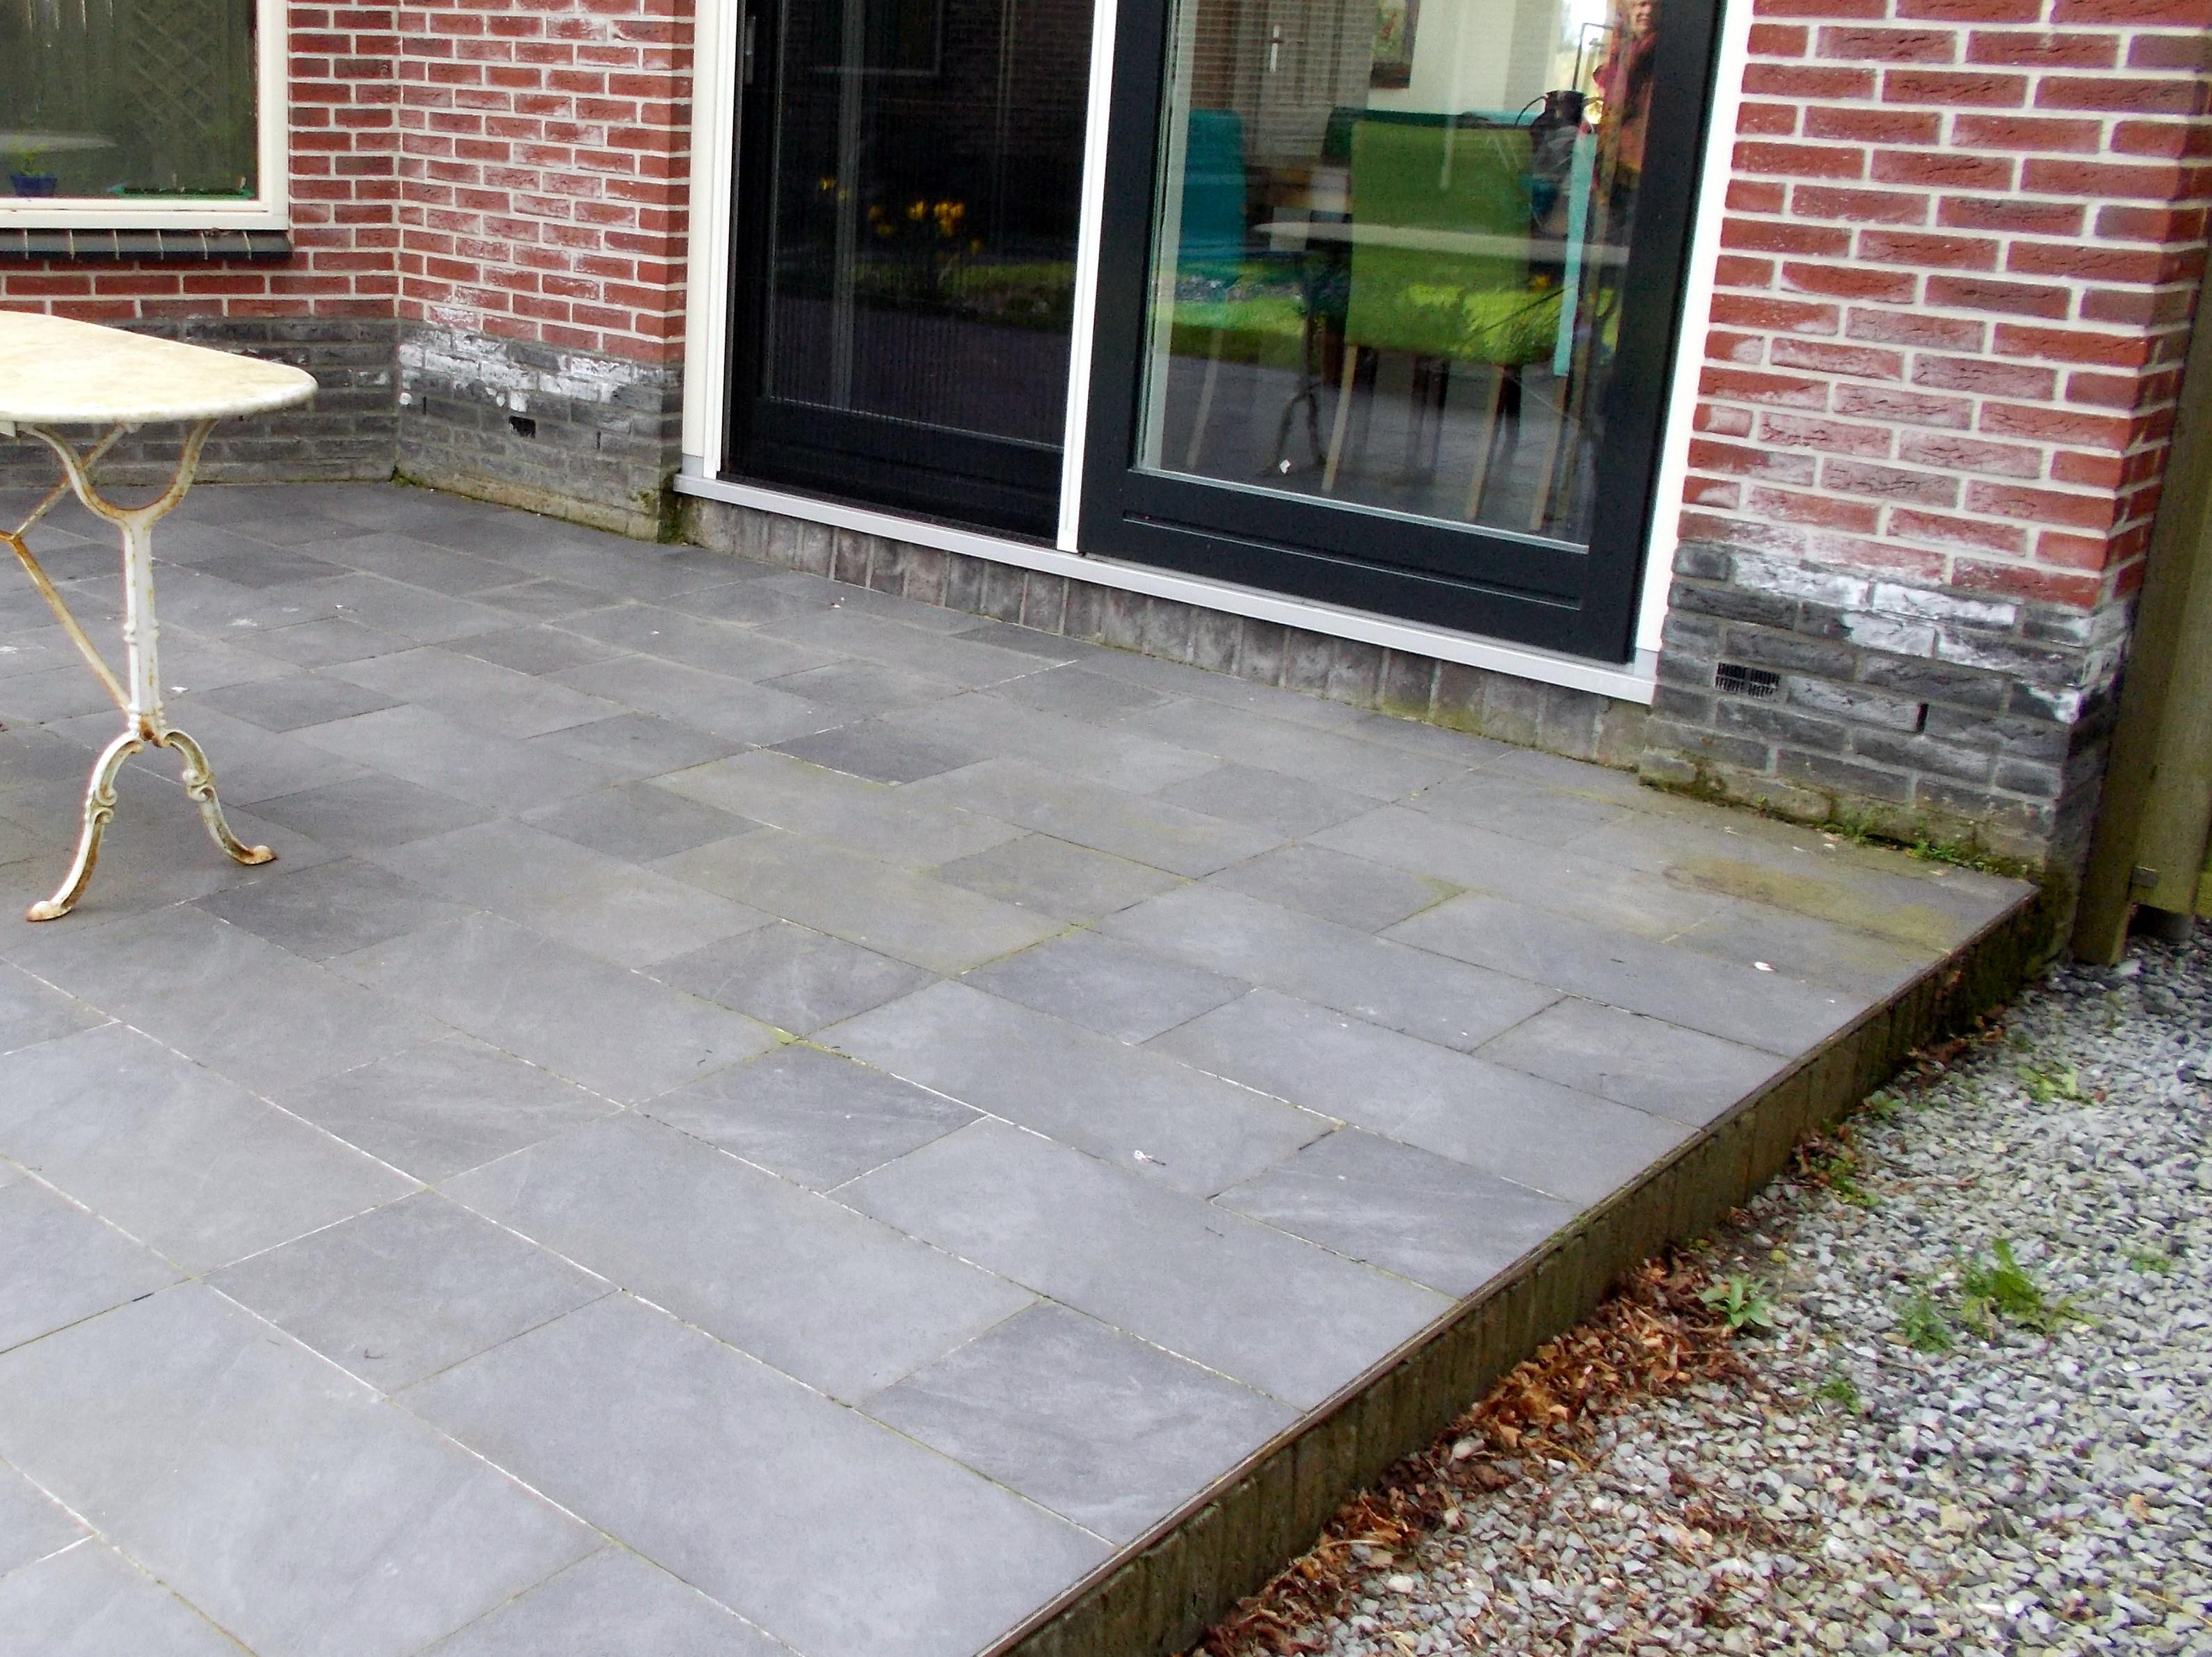 Wateroverlast Tuin Kleigrond : Wat te doen tegen wateroverlast in de tuin of kruipruimte?